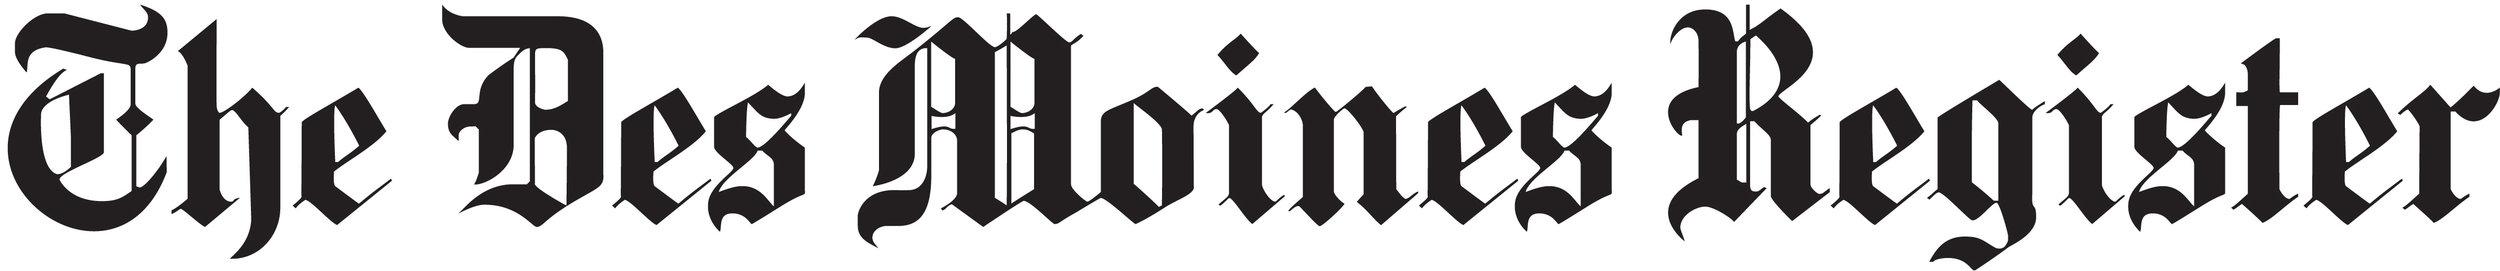 the-des-moines-register-logo.jpg